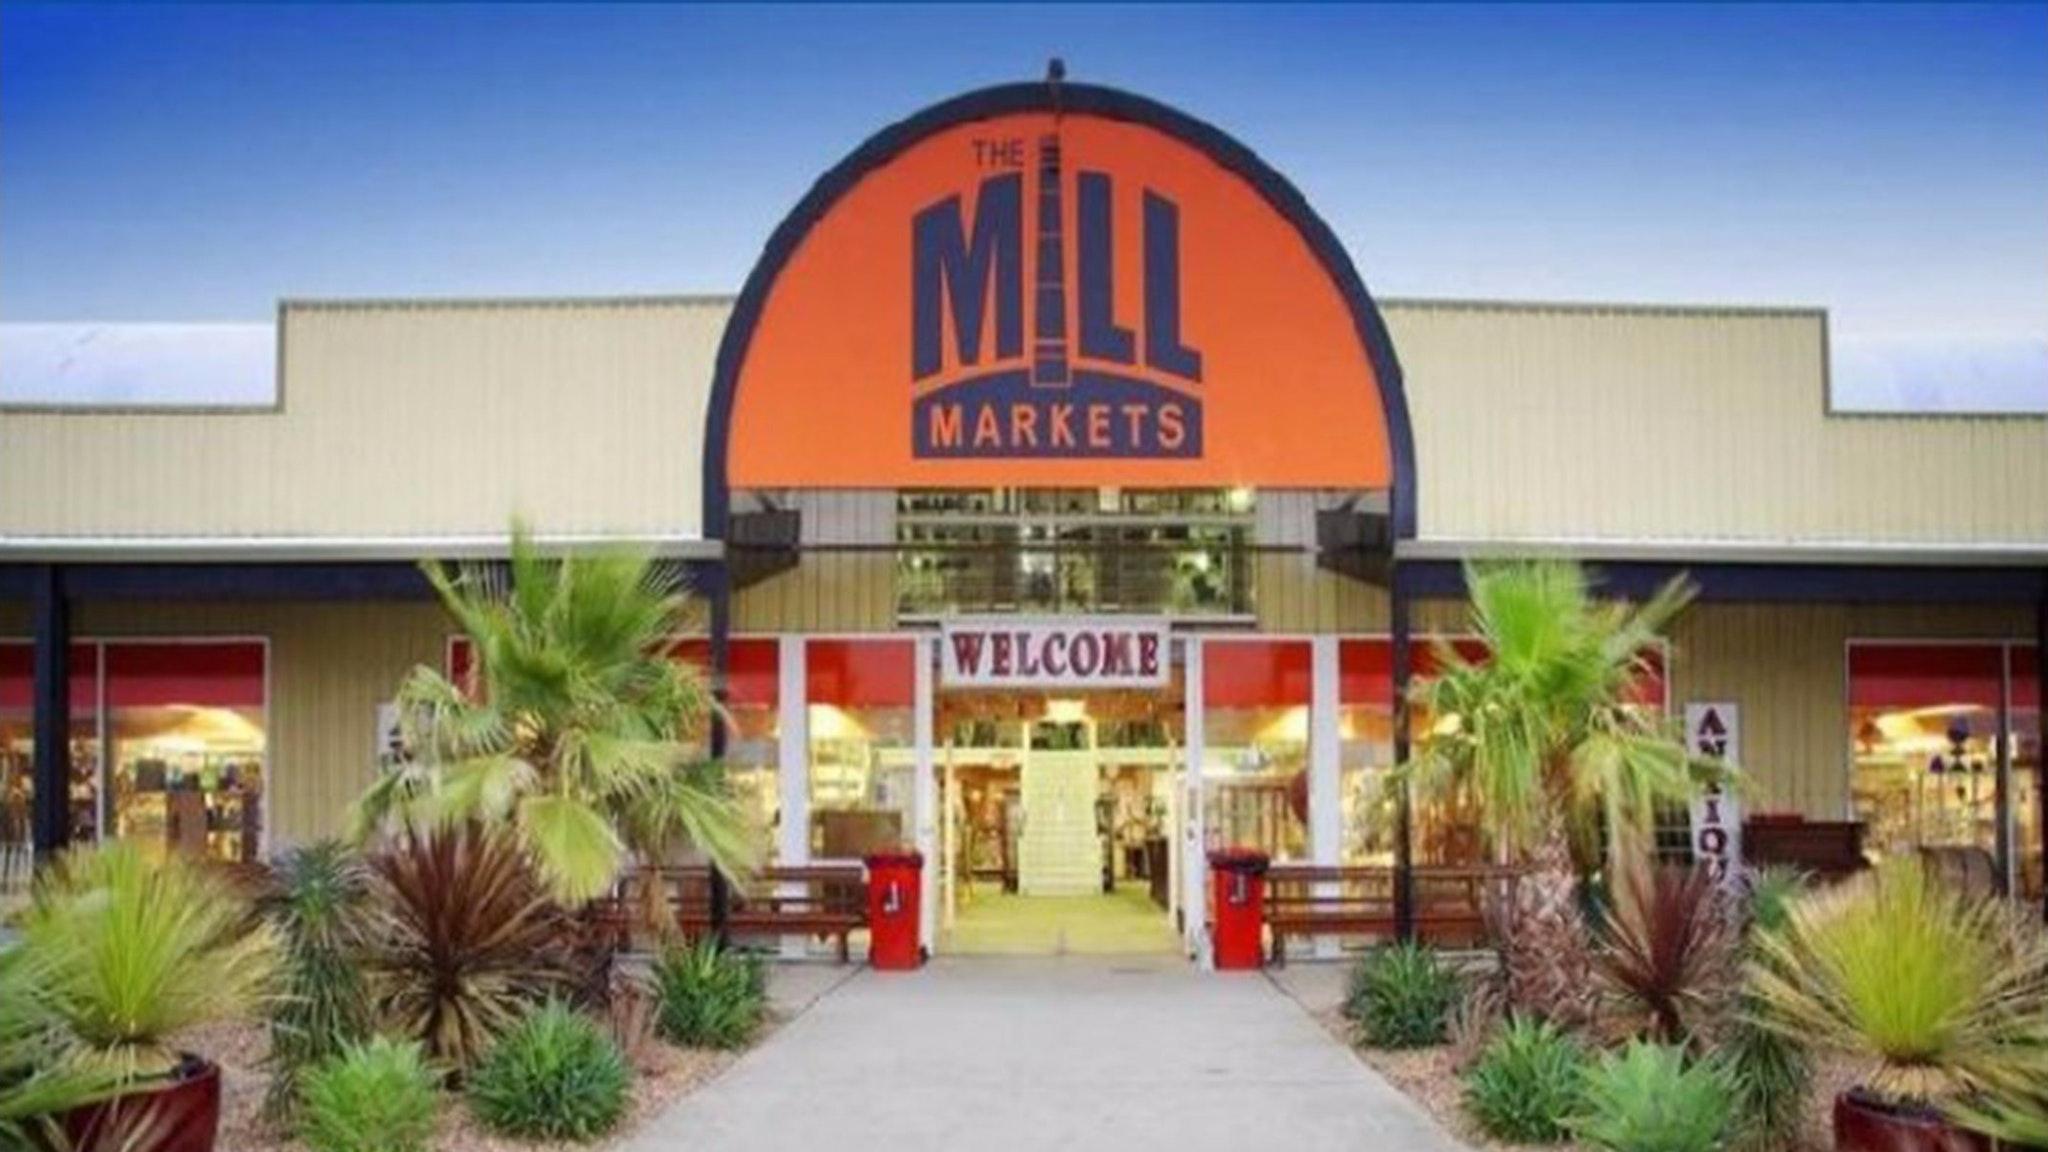 The Mill Markets - Geelong